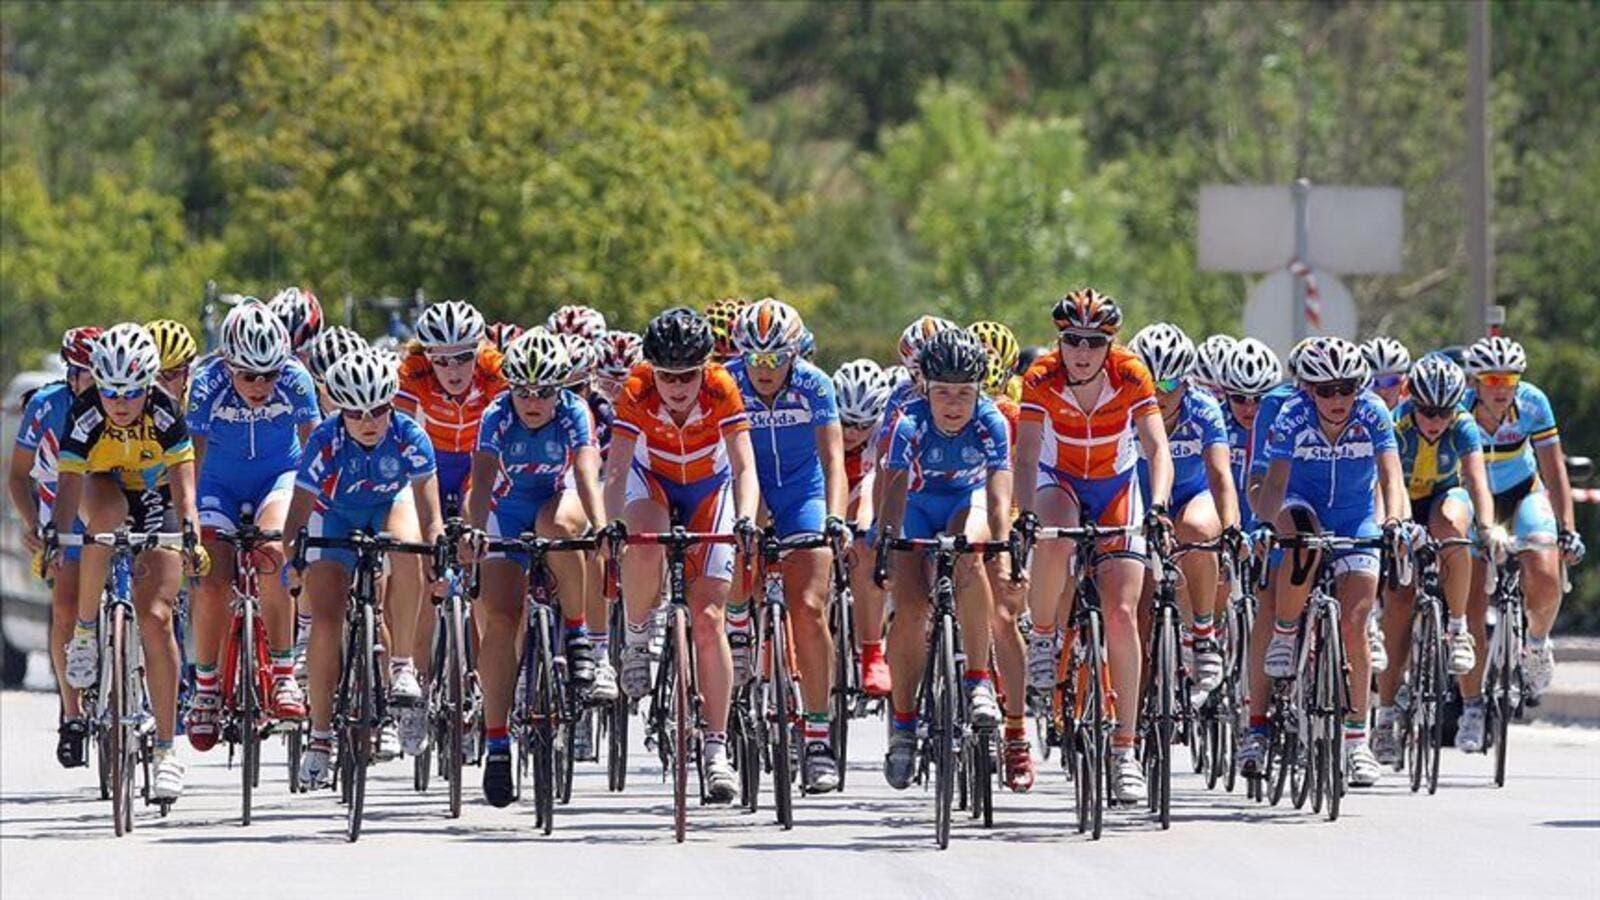 Giro to run Oct 3-25 (4) - English